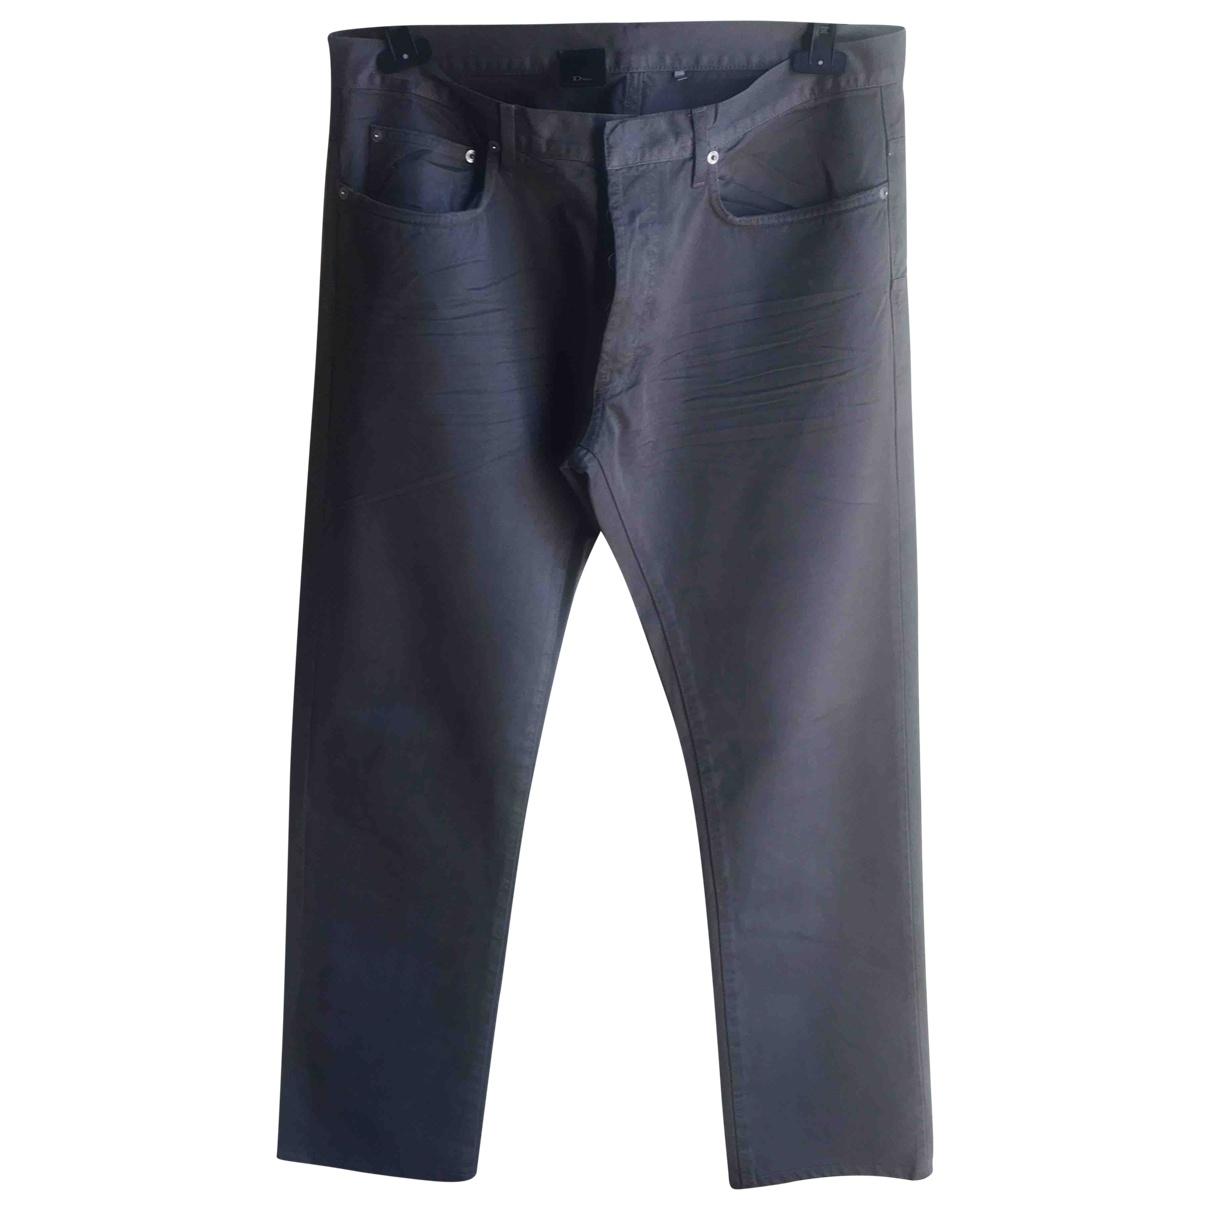 Dior Homme \N Grey Cotton Jeans for Men 34 UK - US